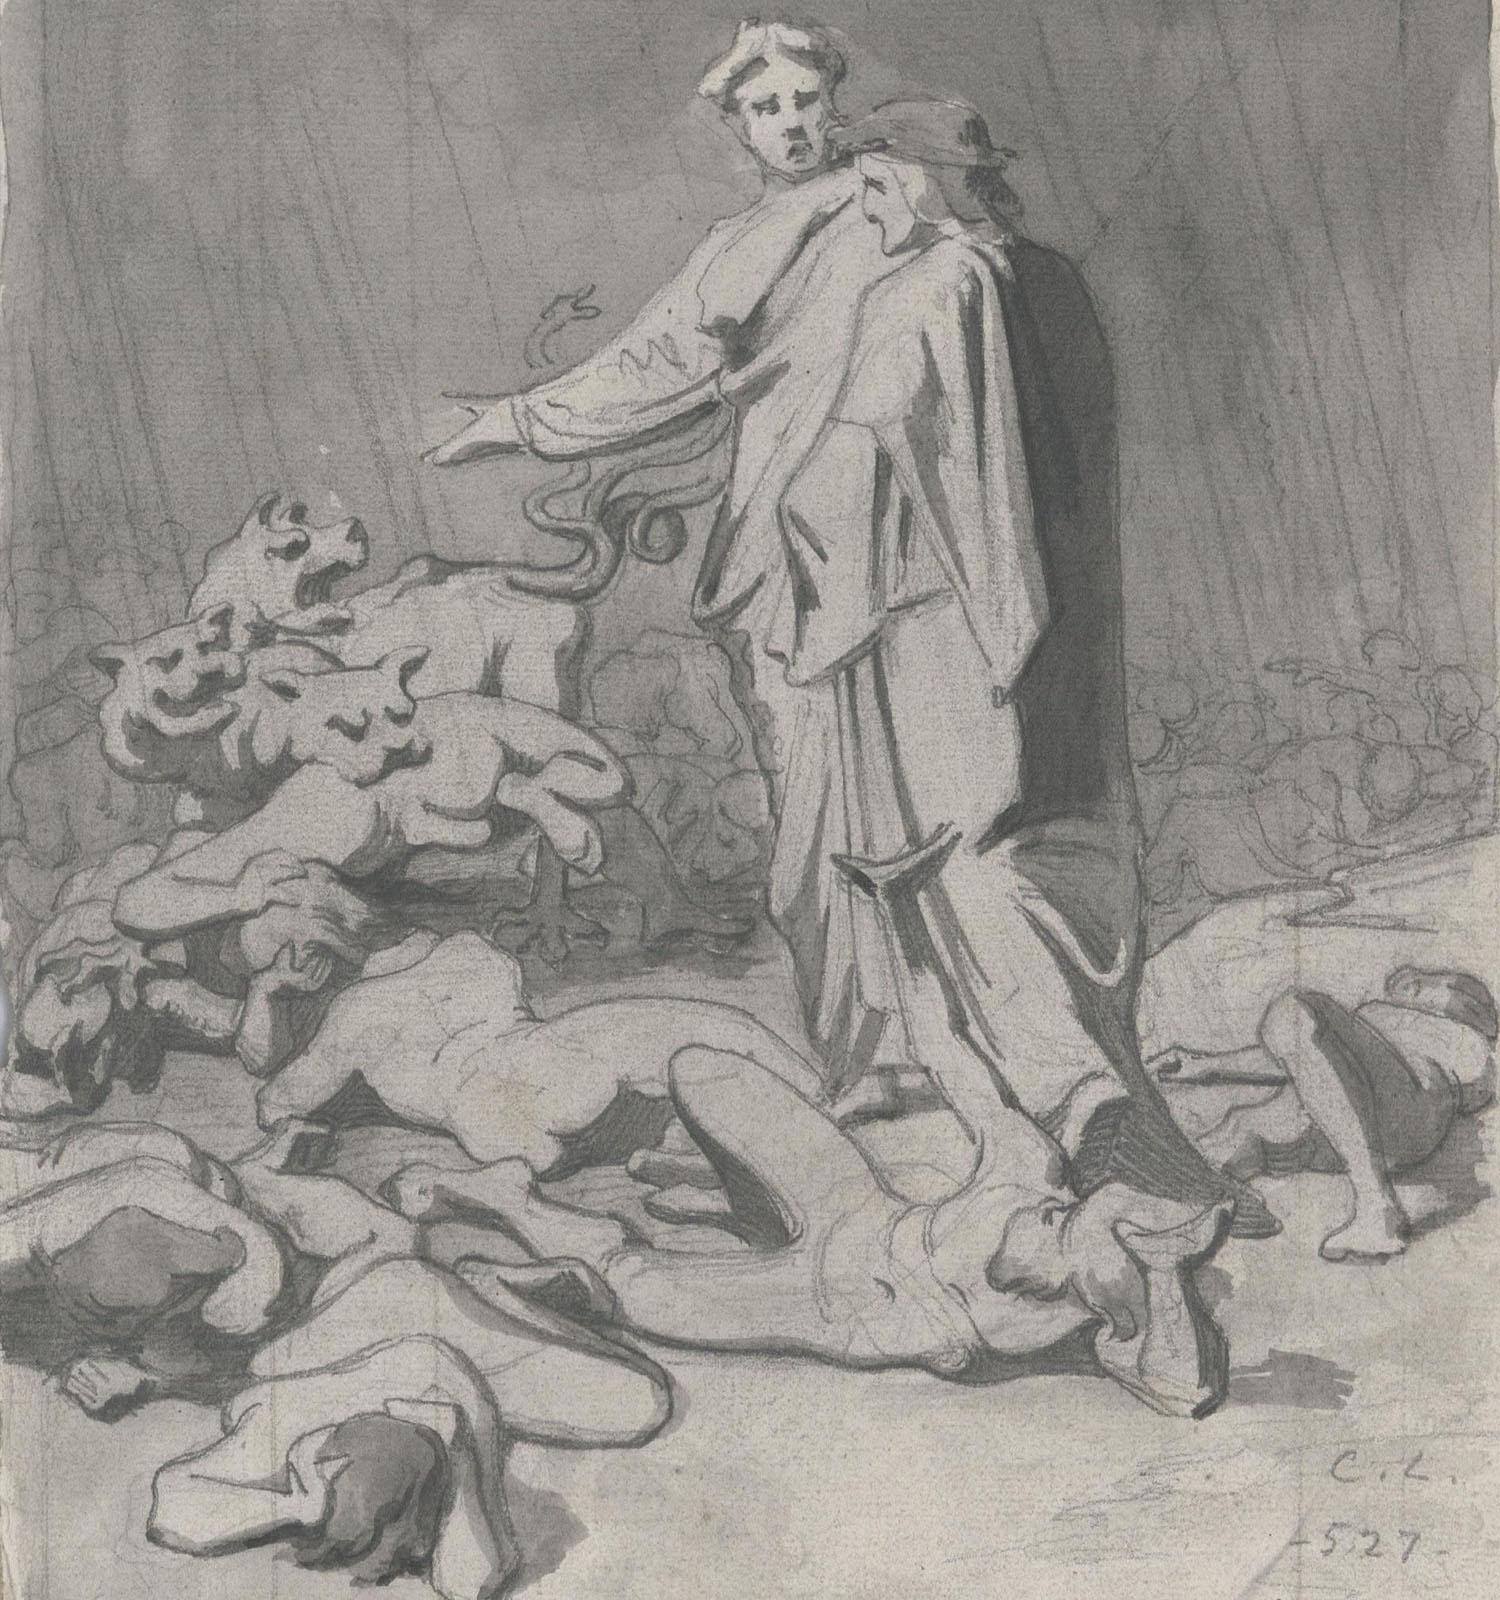 Entre l'infern i el paradís, passant pel purgatori